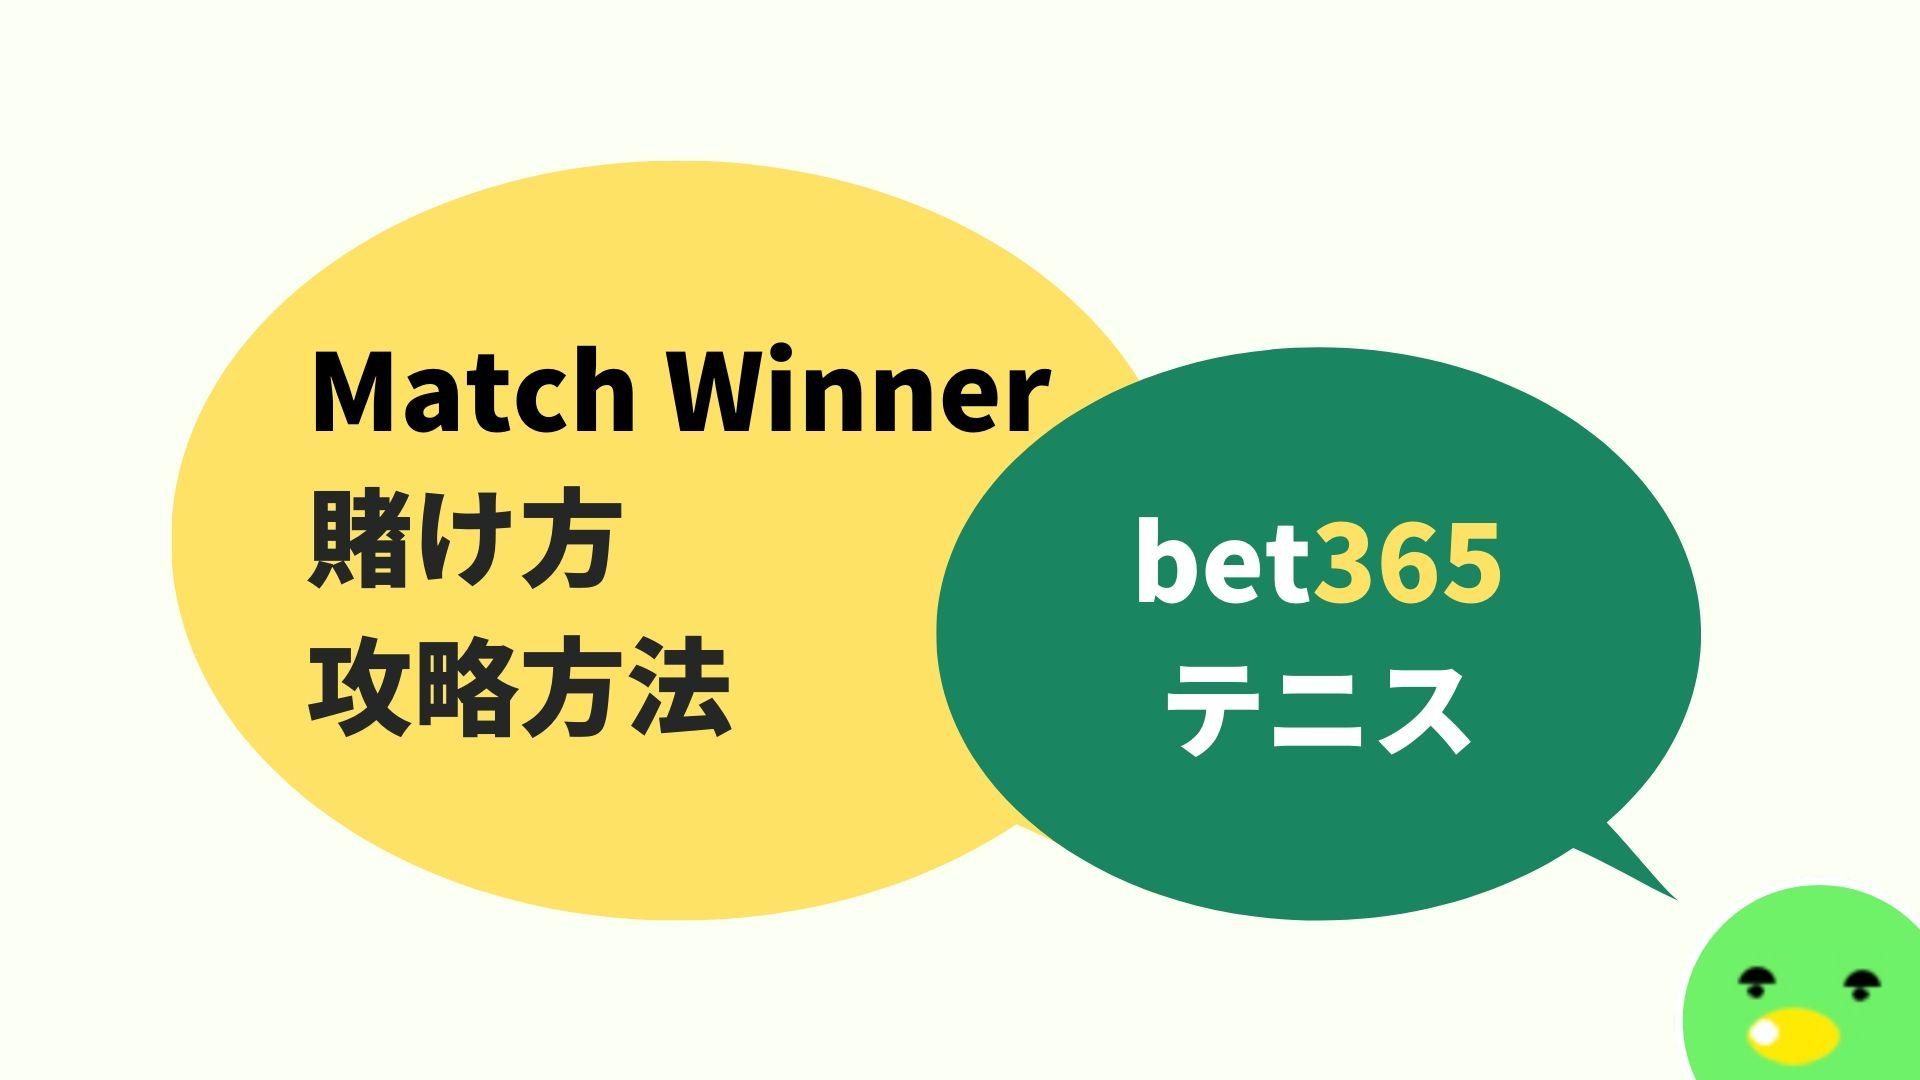 bet365のテニスの賭け方